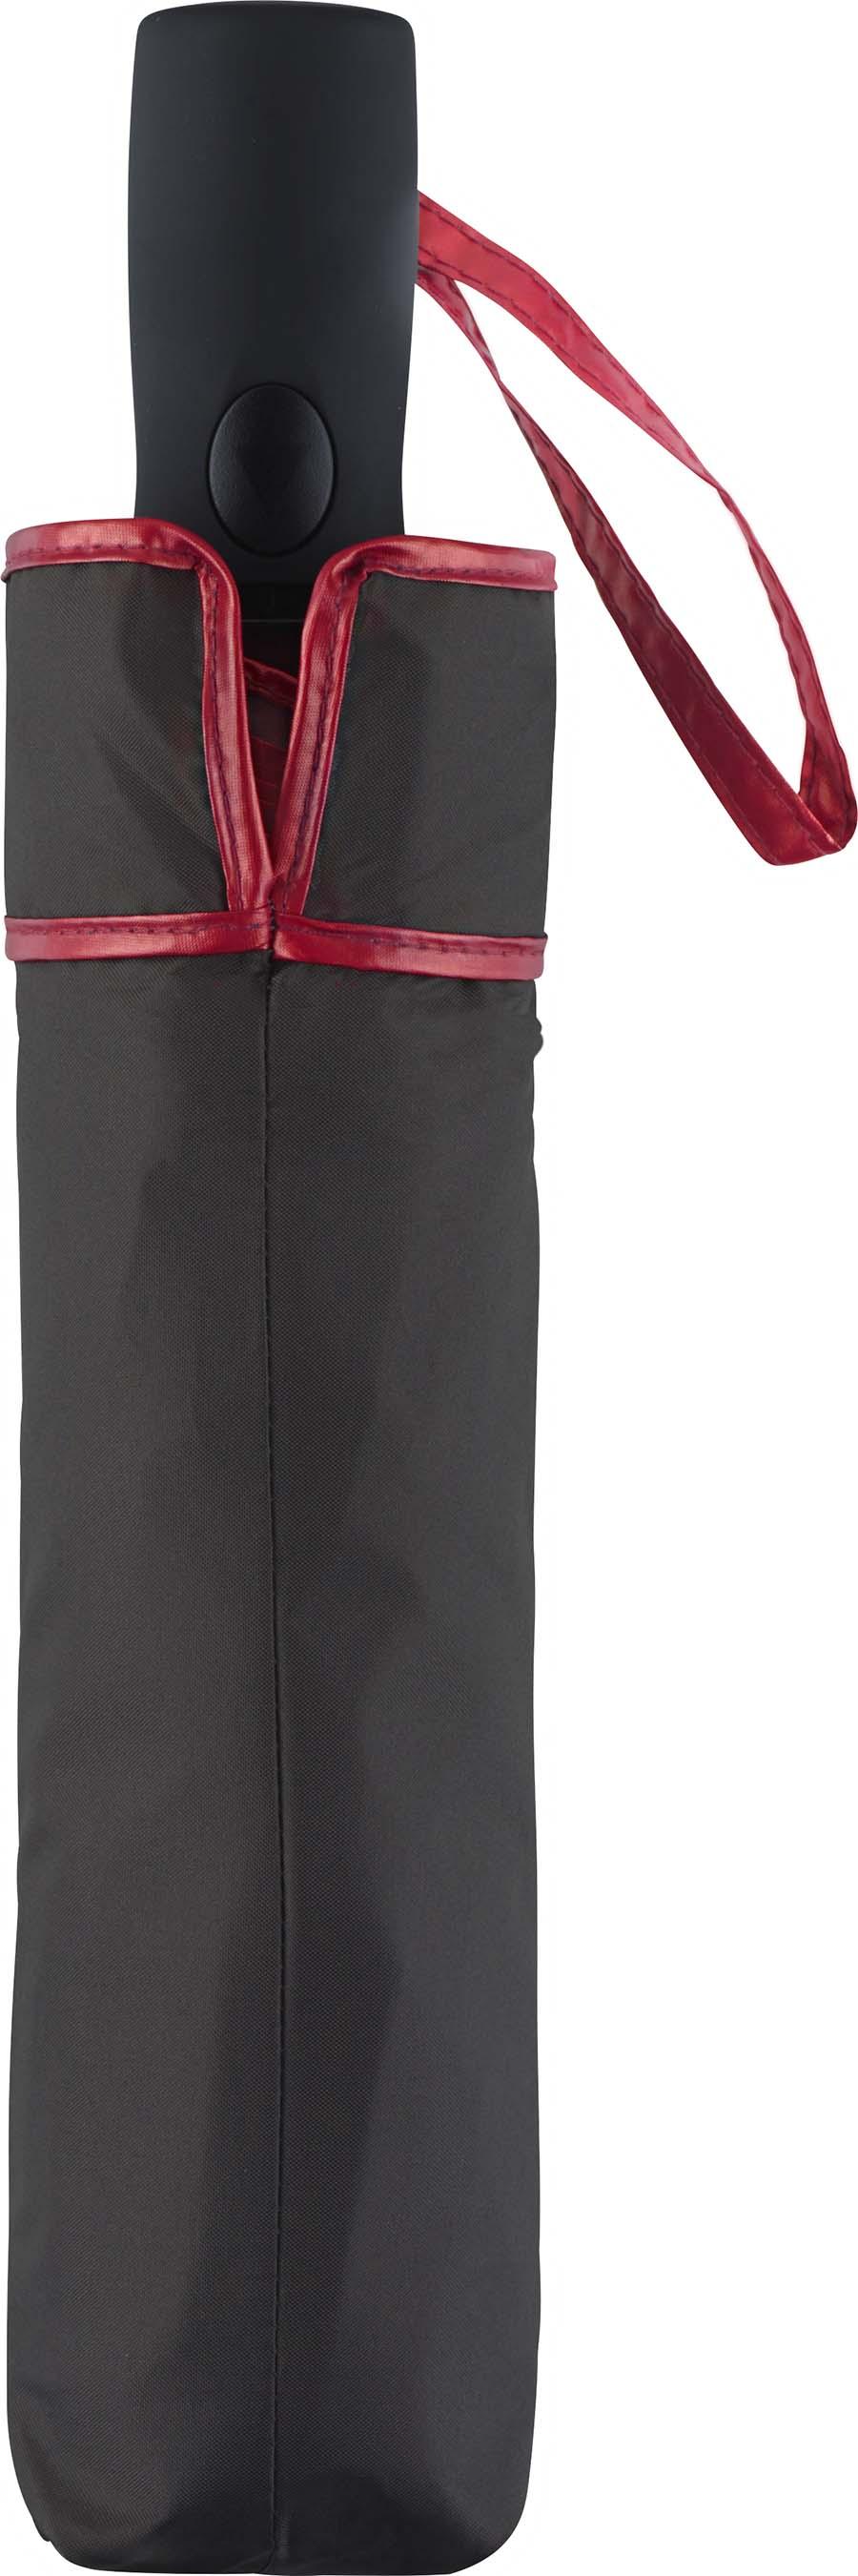 Mini parapluie de poche - 20-1486-6